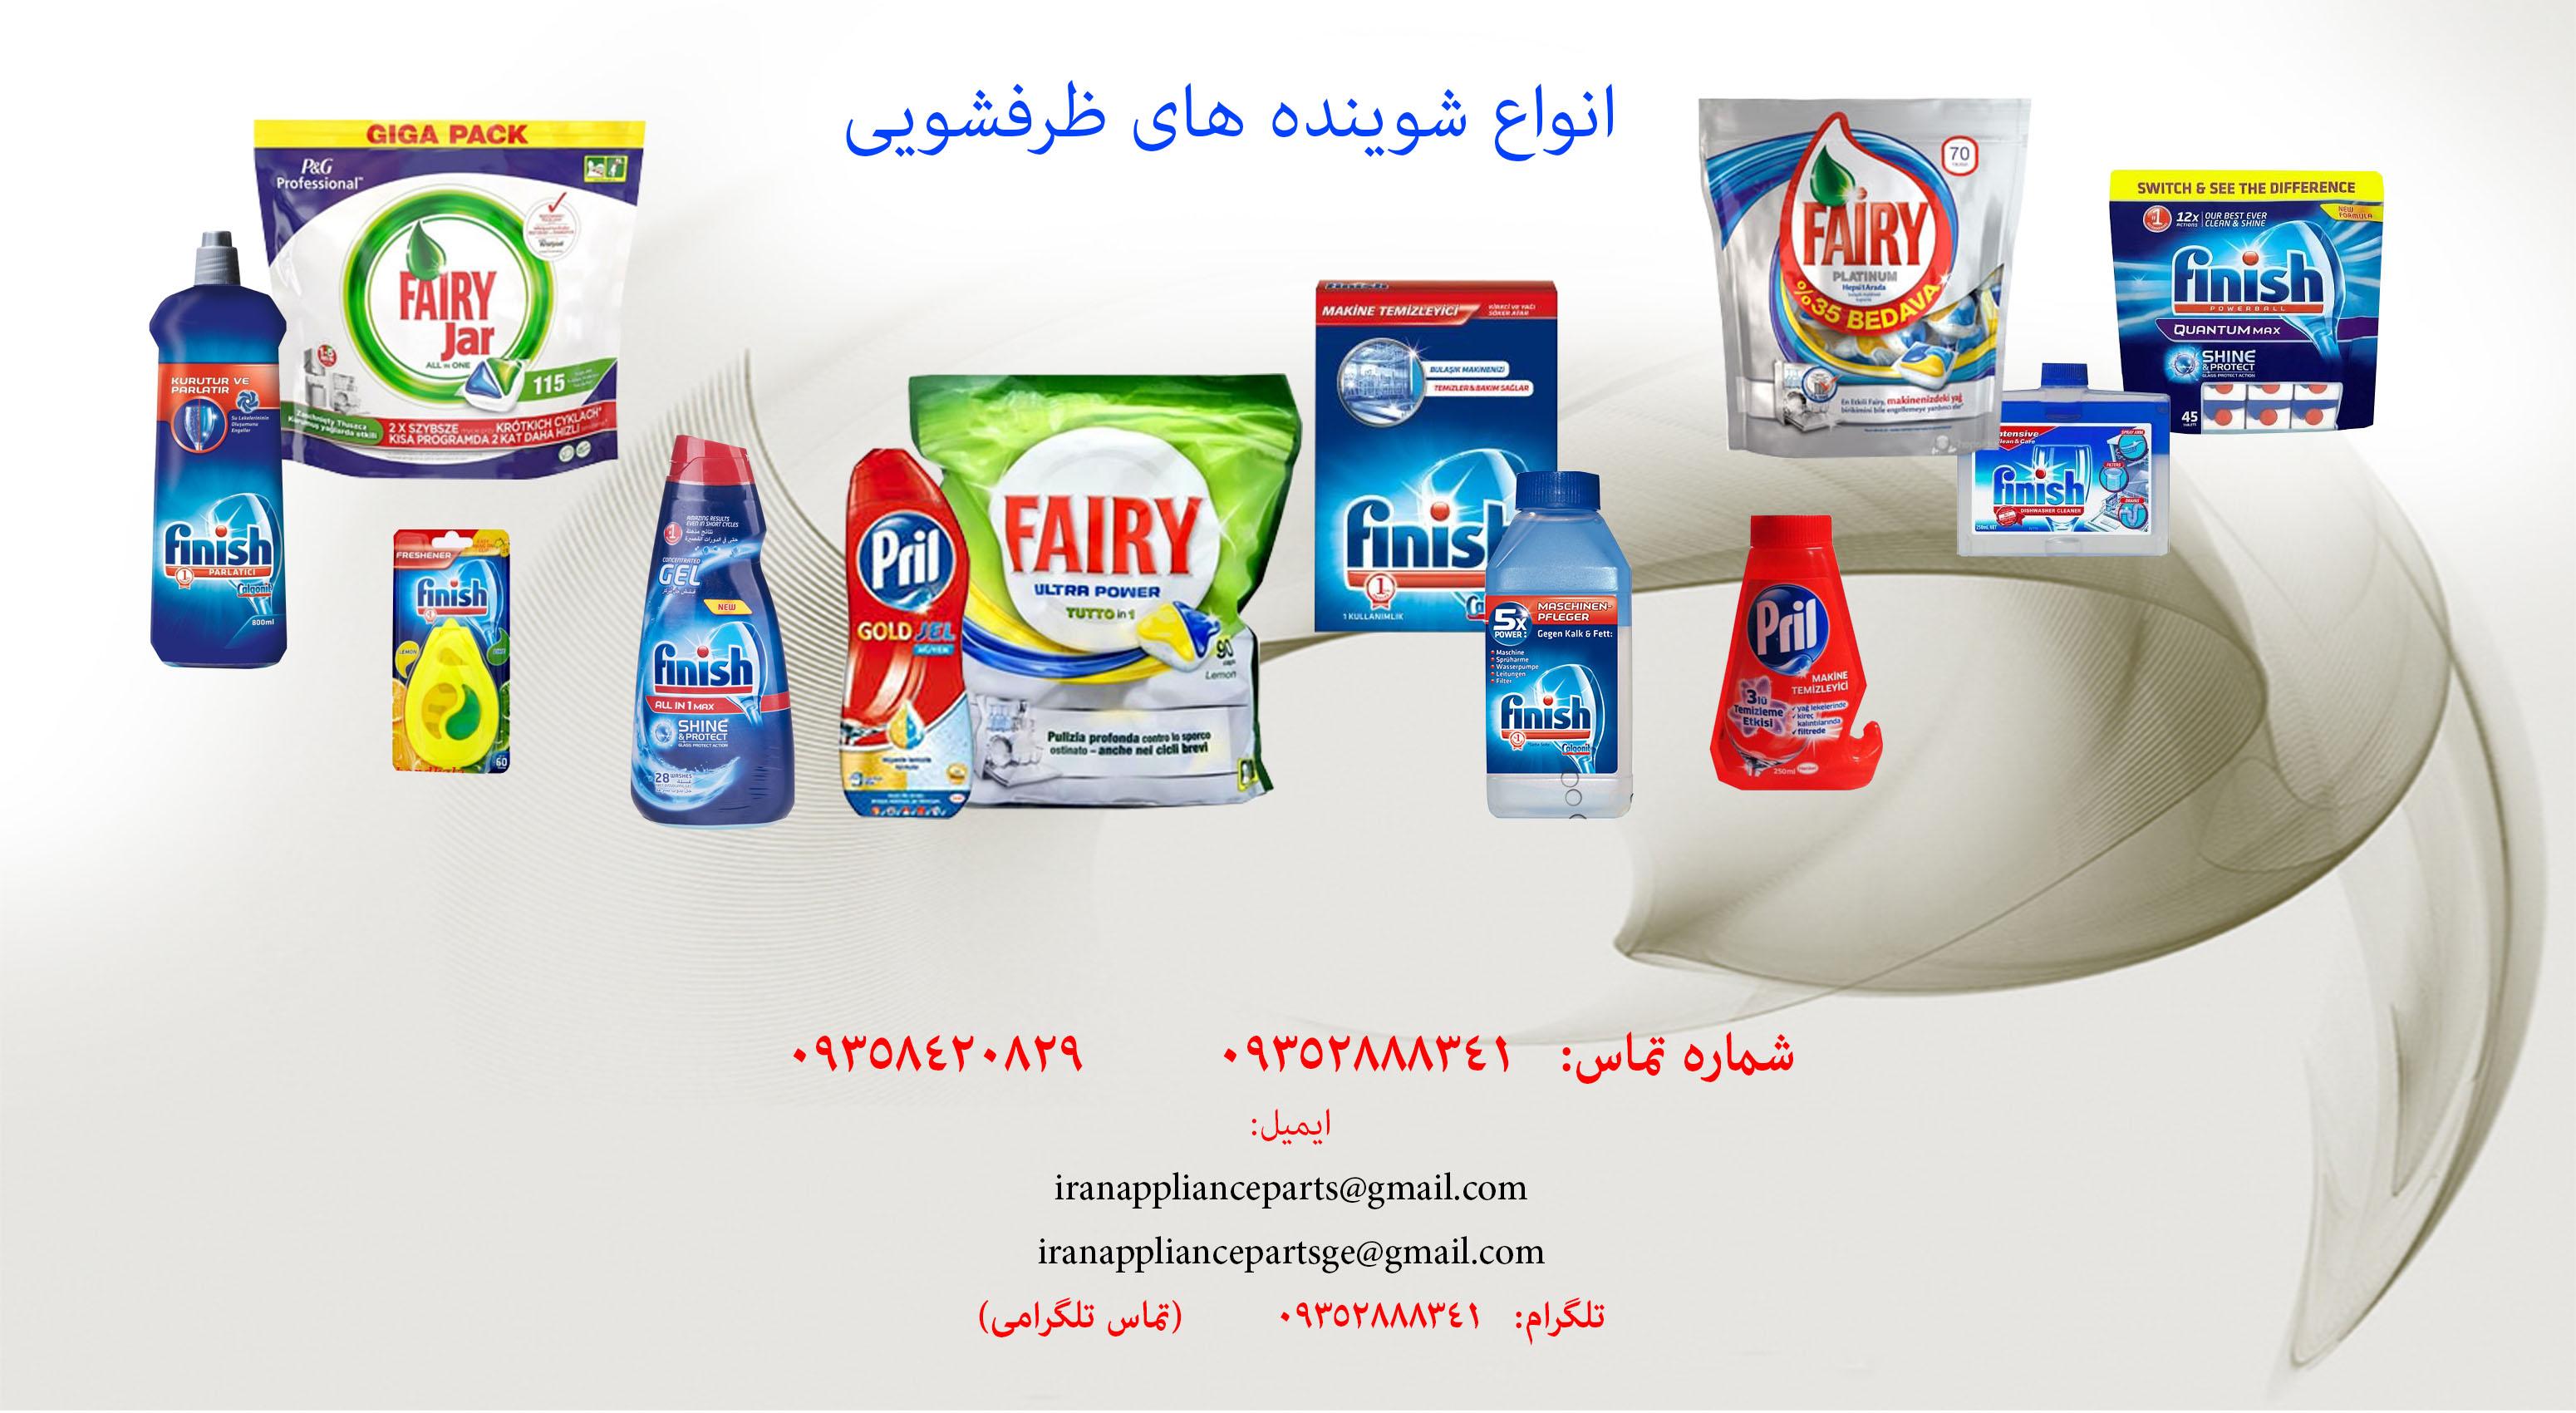 انواع شوینده های ظرفشویی شوینده های ظرفشویی اصلی ترک و آلمان شوینده های ظرفشویی Finish Fairy Pril